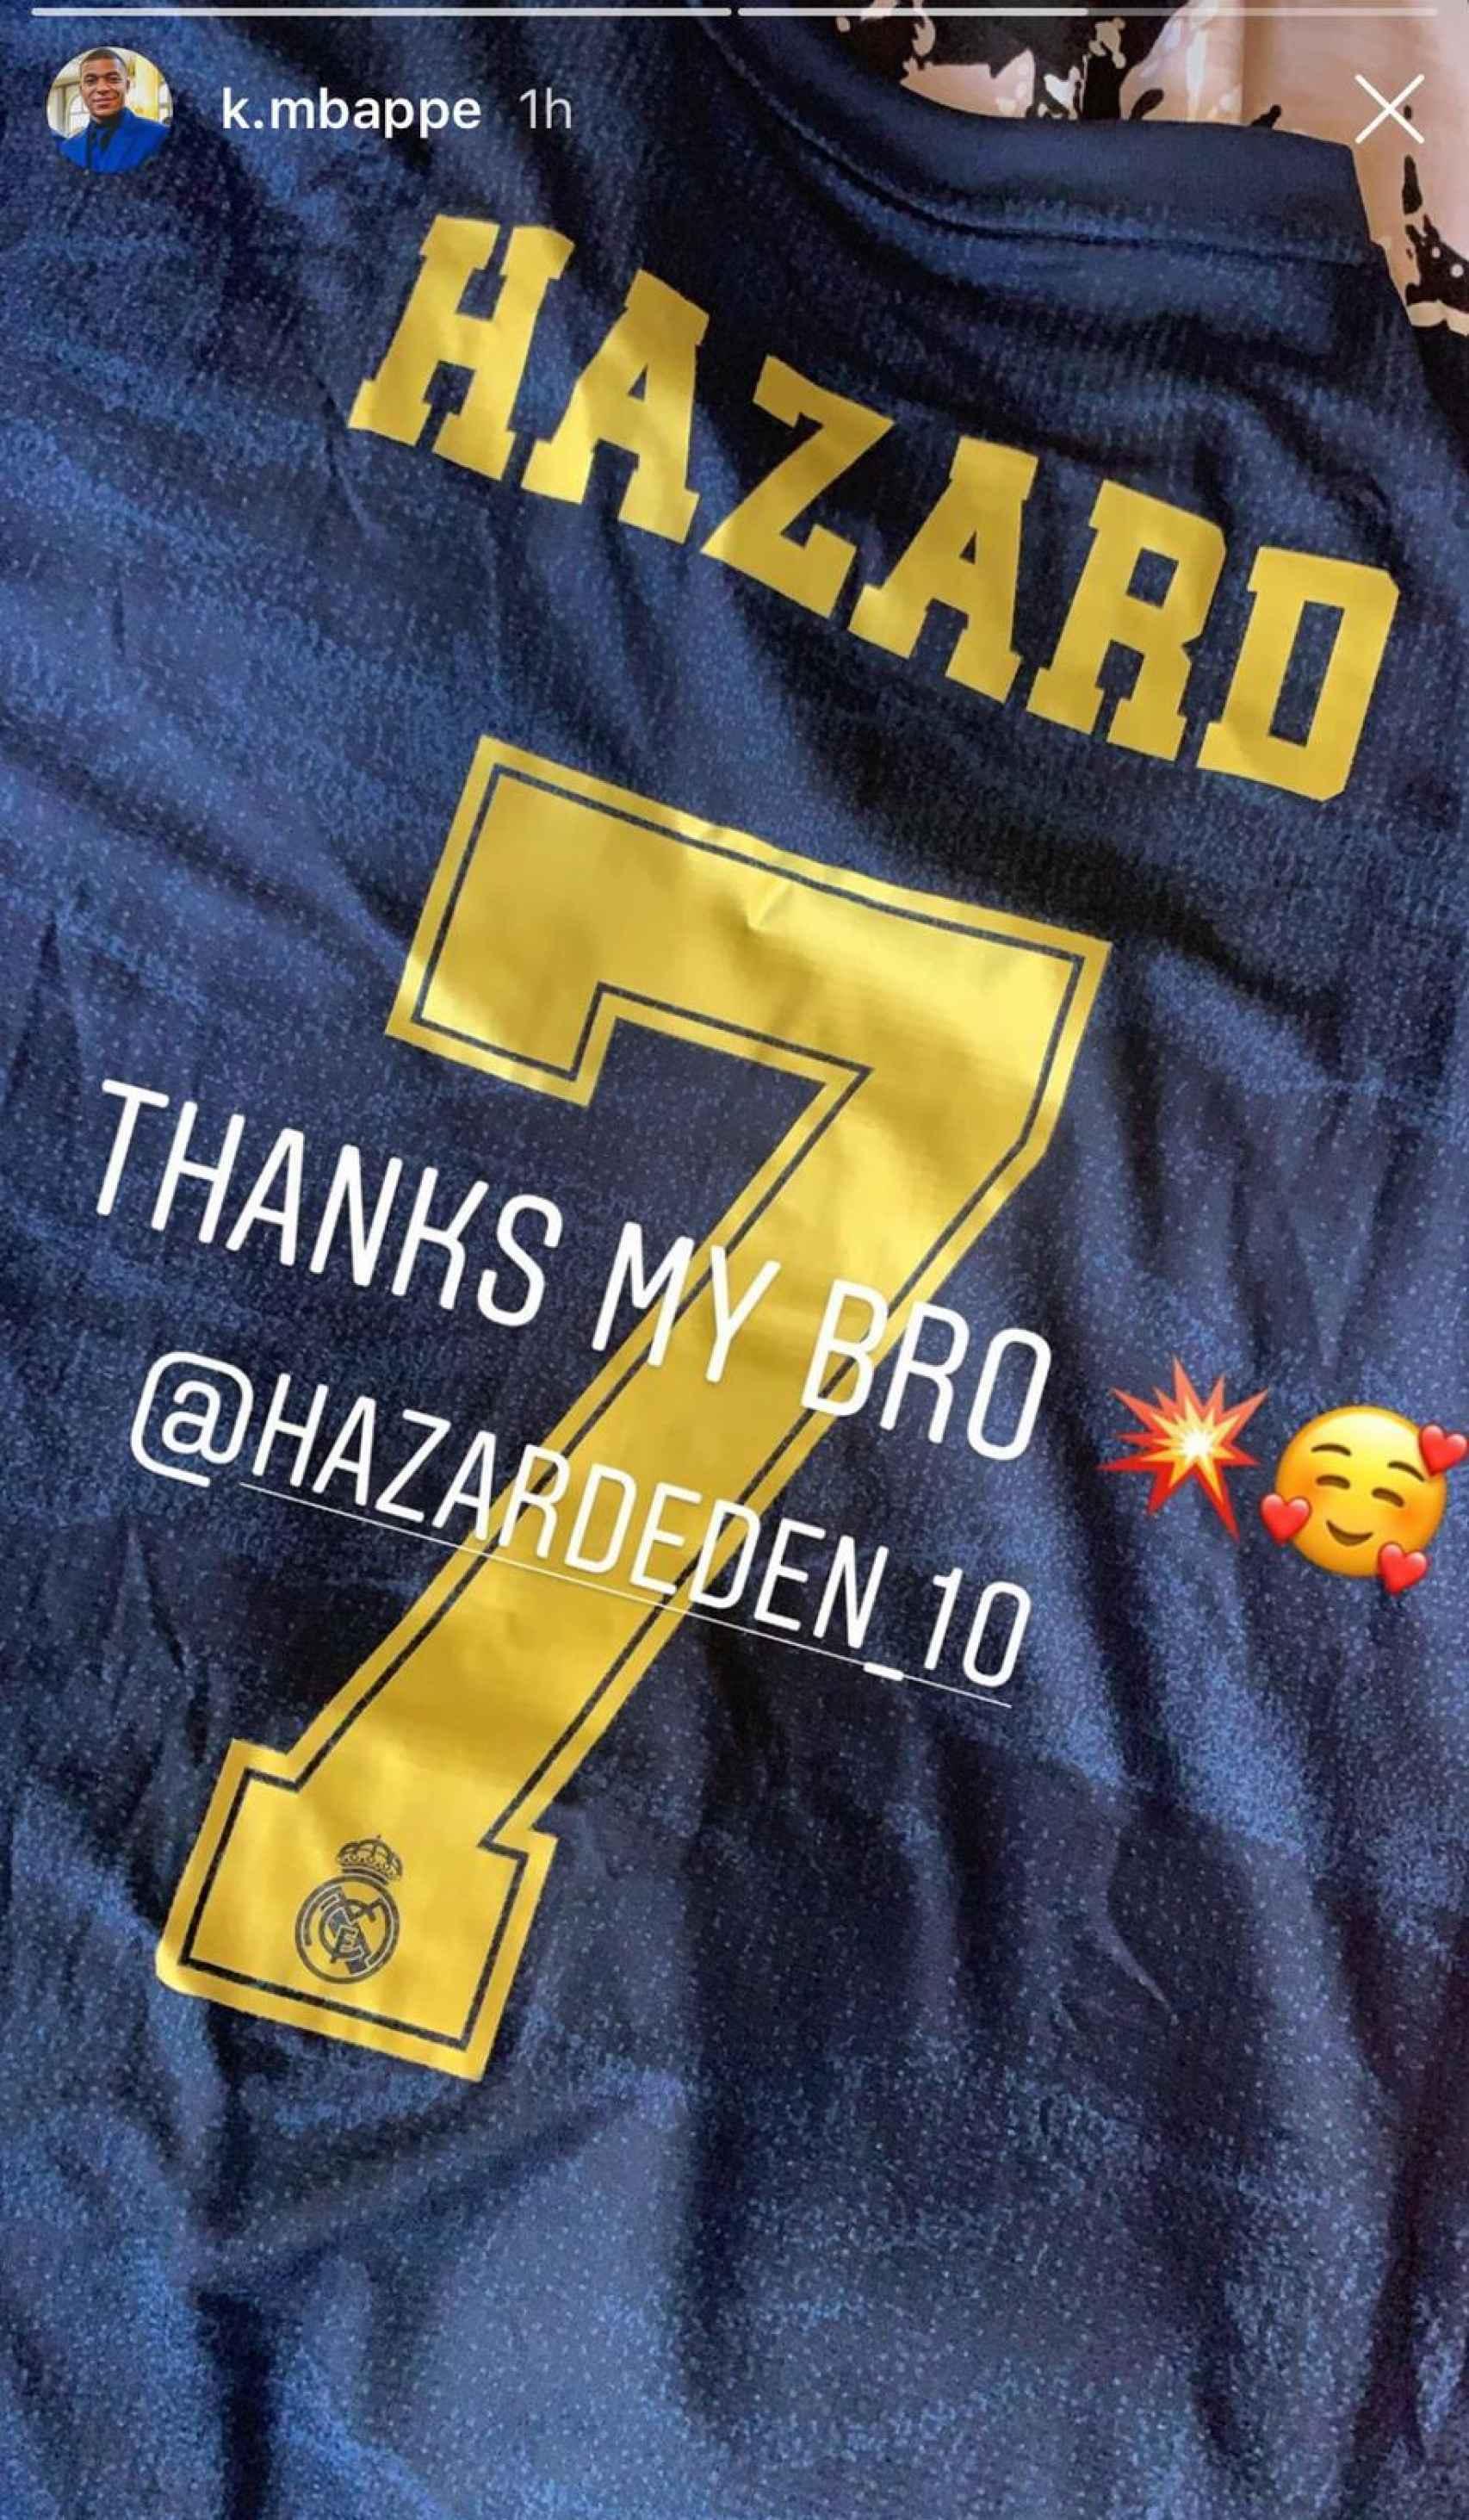 El regalo de Hazard a Mbappé